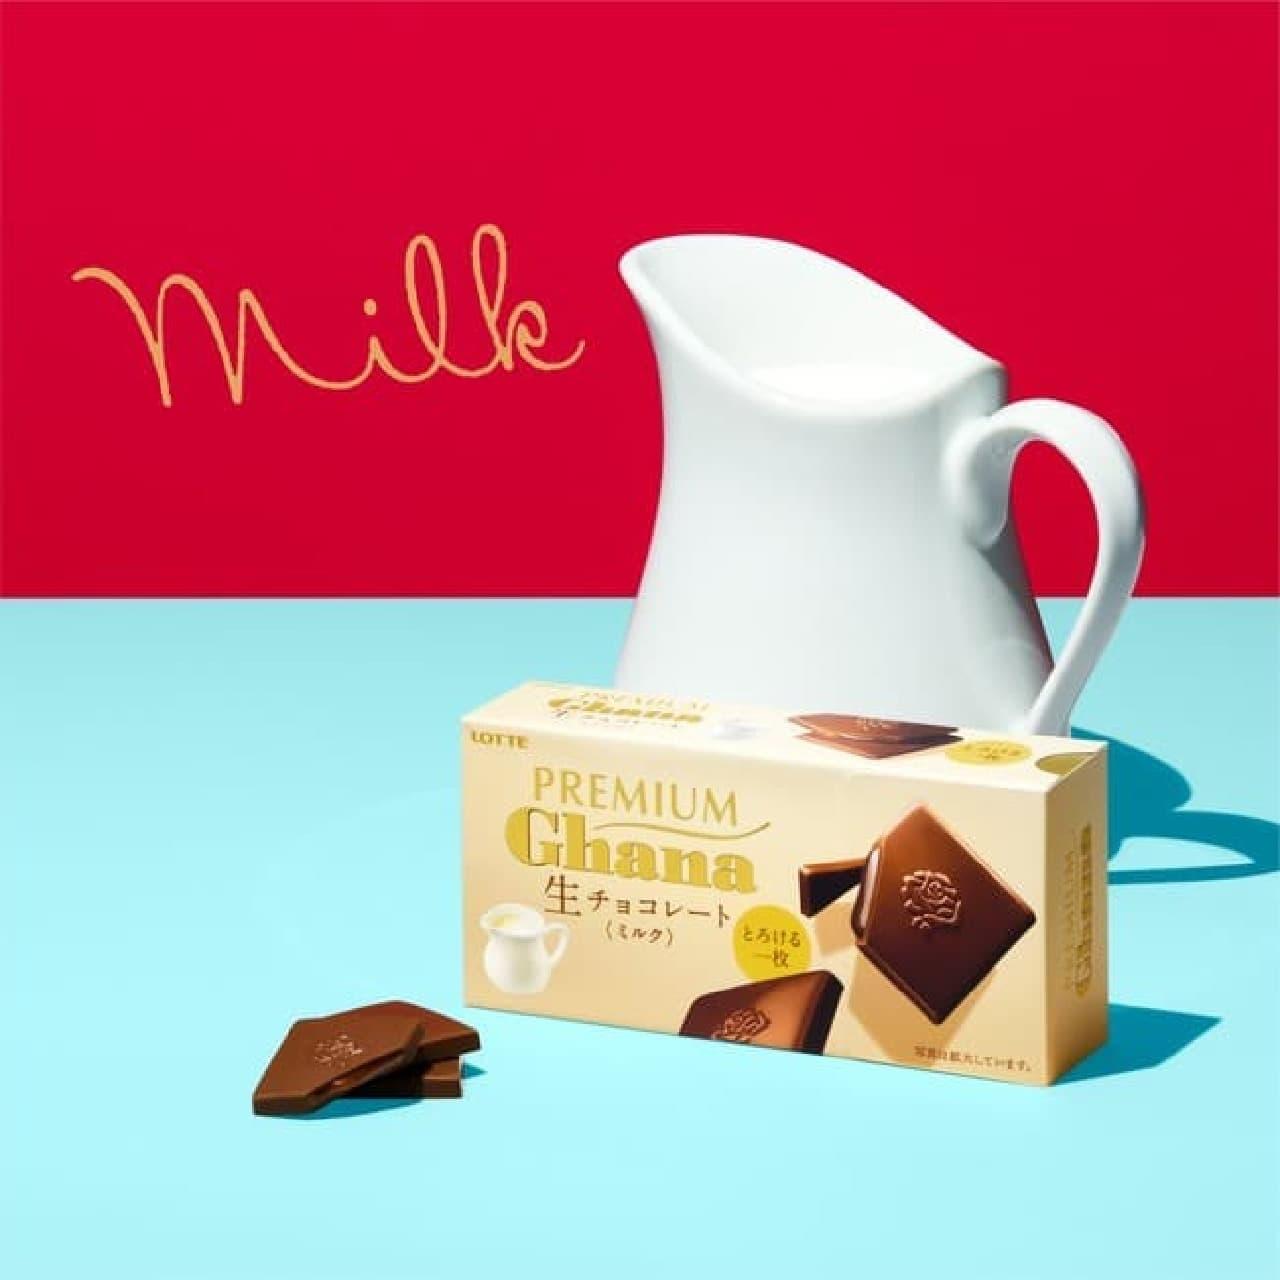 プレミアムガーナ 生チョコレート<ミルク>